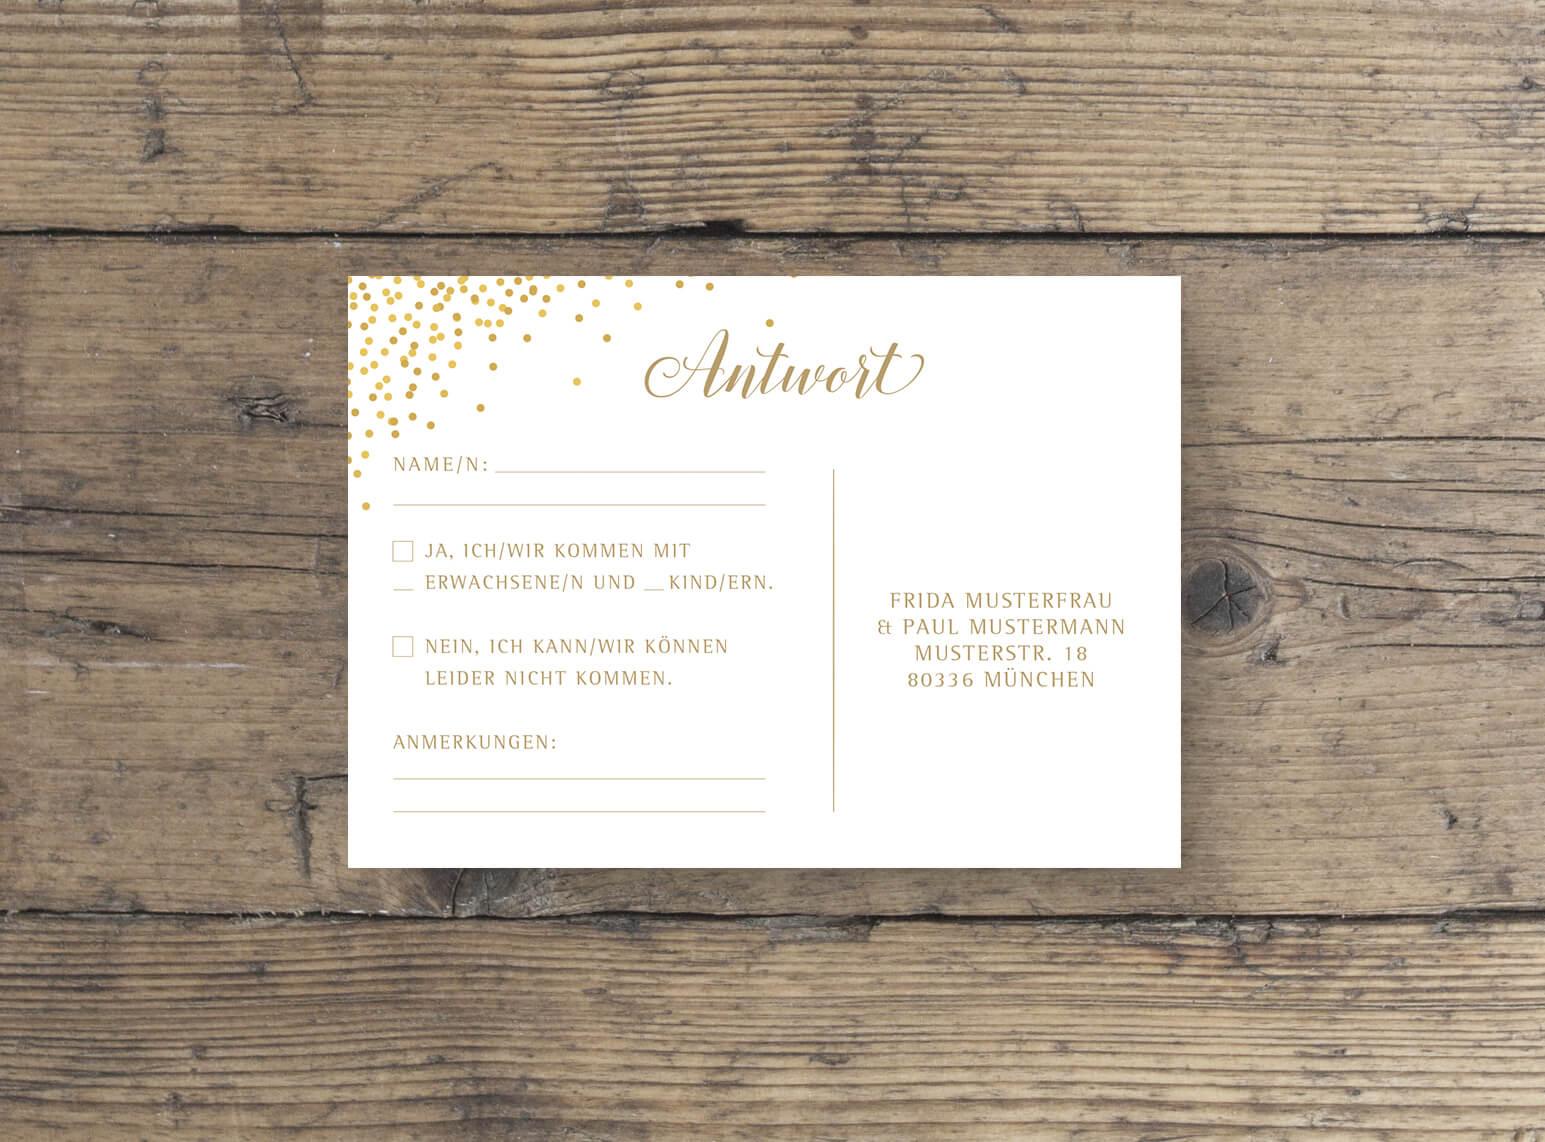 Hochzeit Antwortkarte in Rosa Gold rückseite